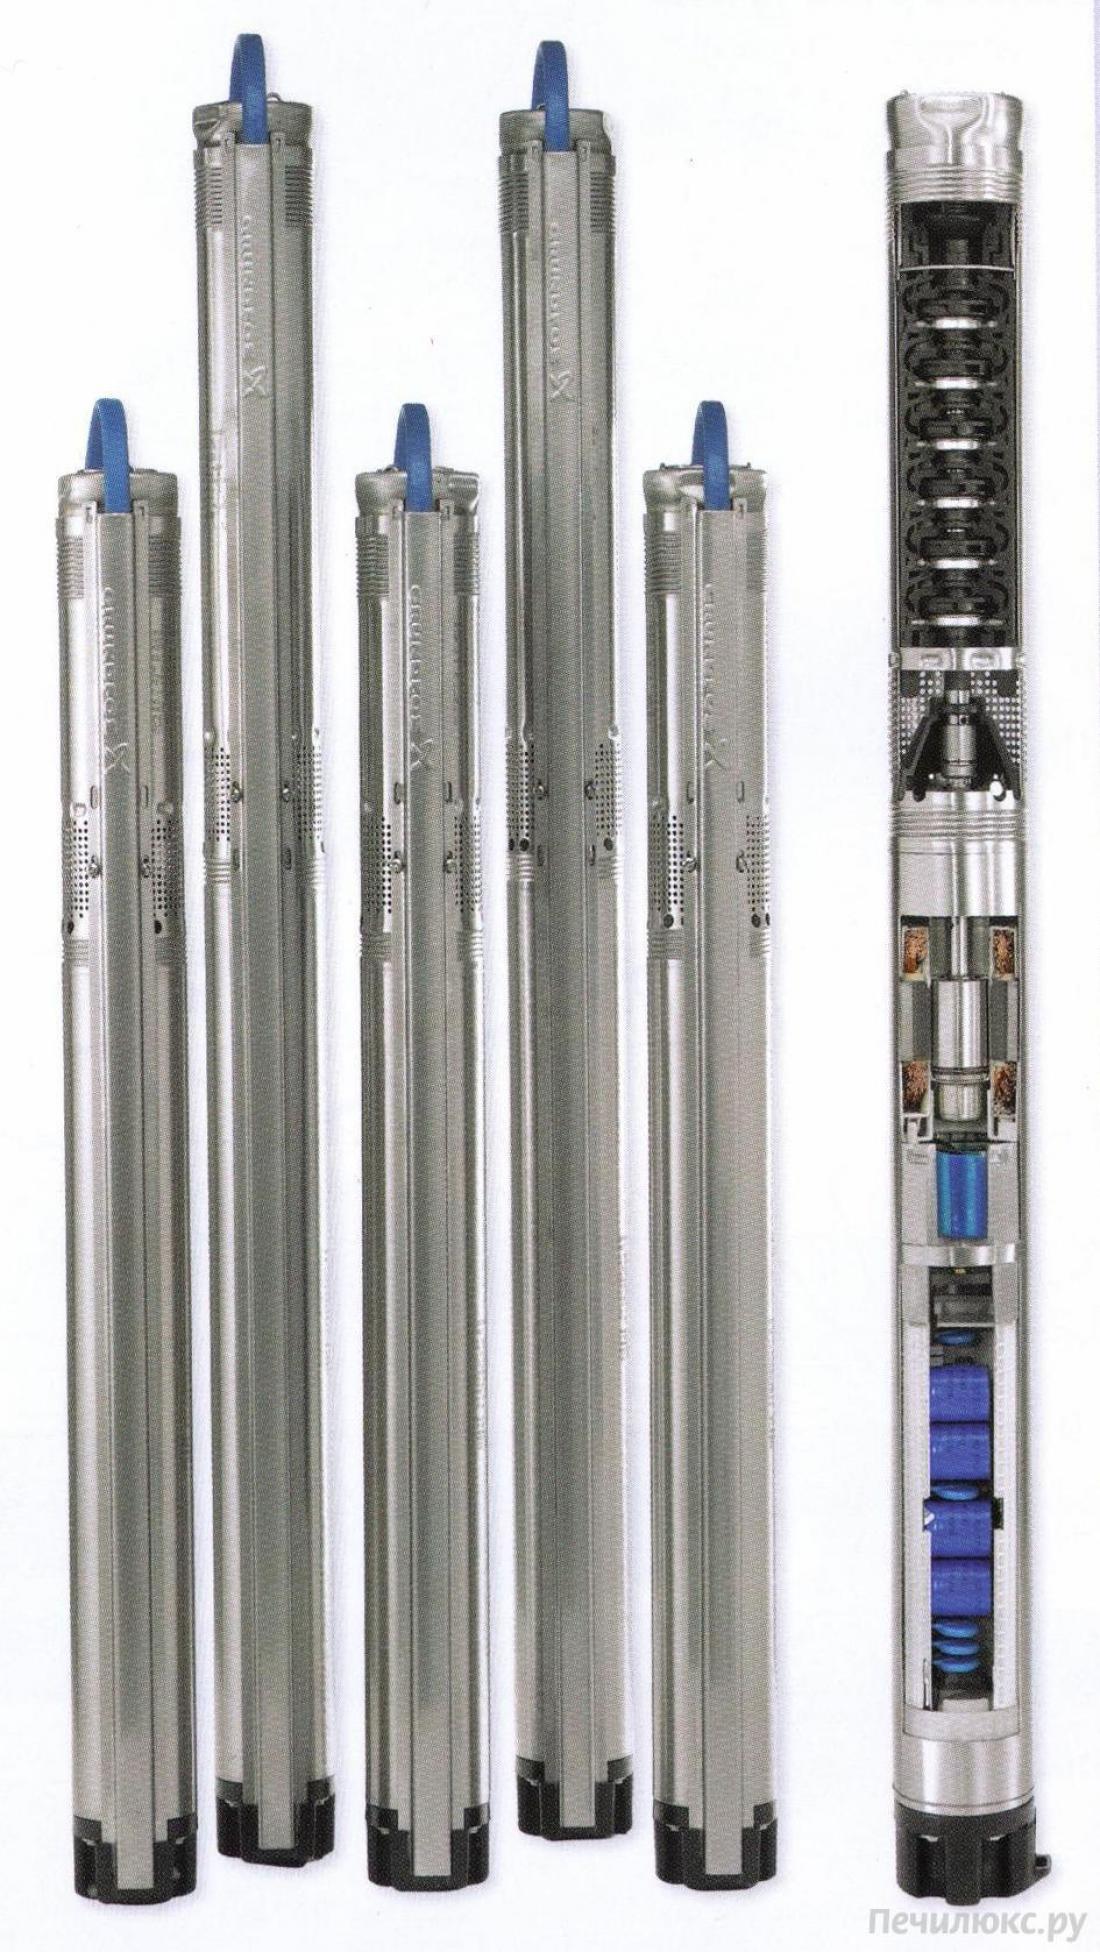 SQE 3- 65     1.05kW 200-240V 50/60Hz